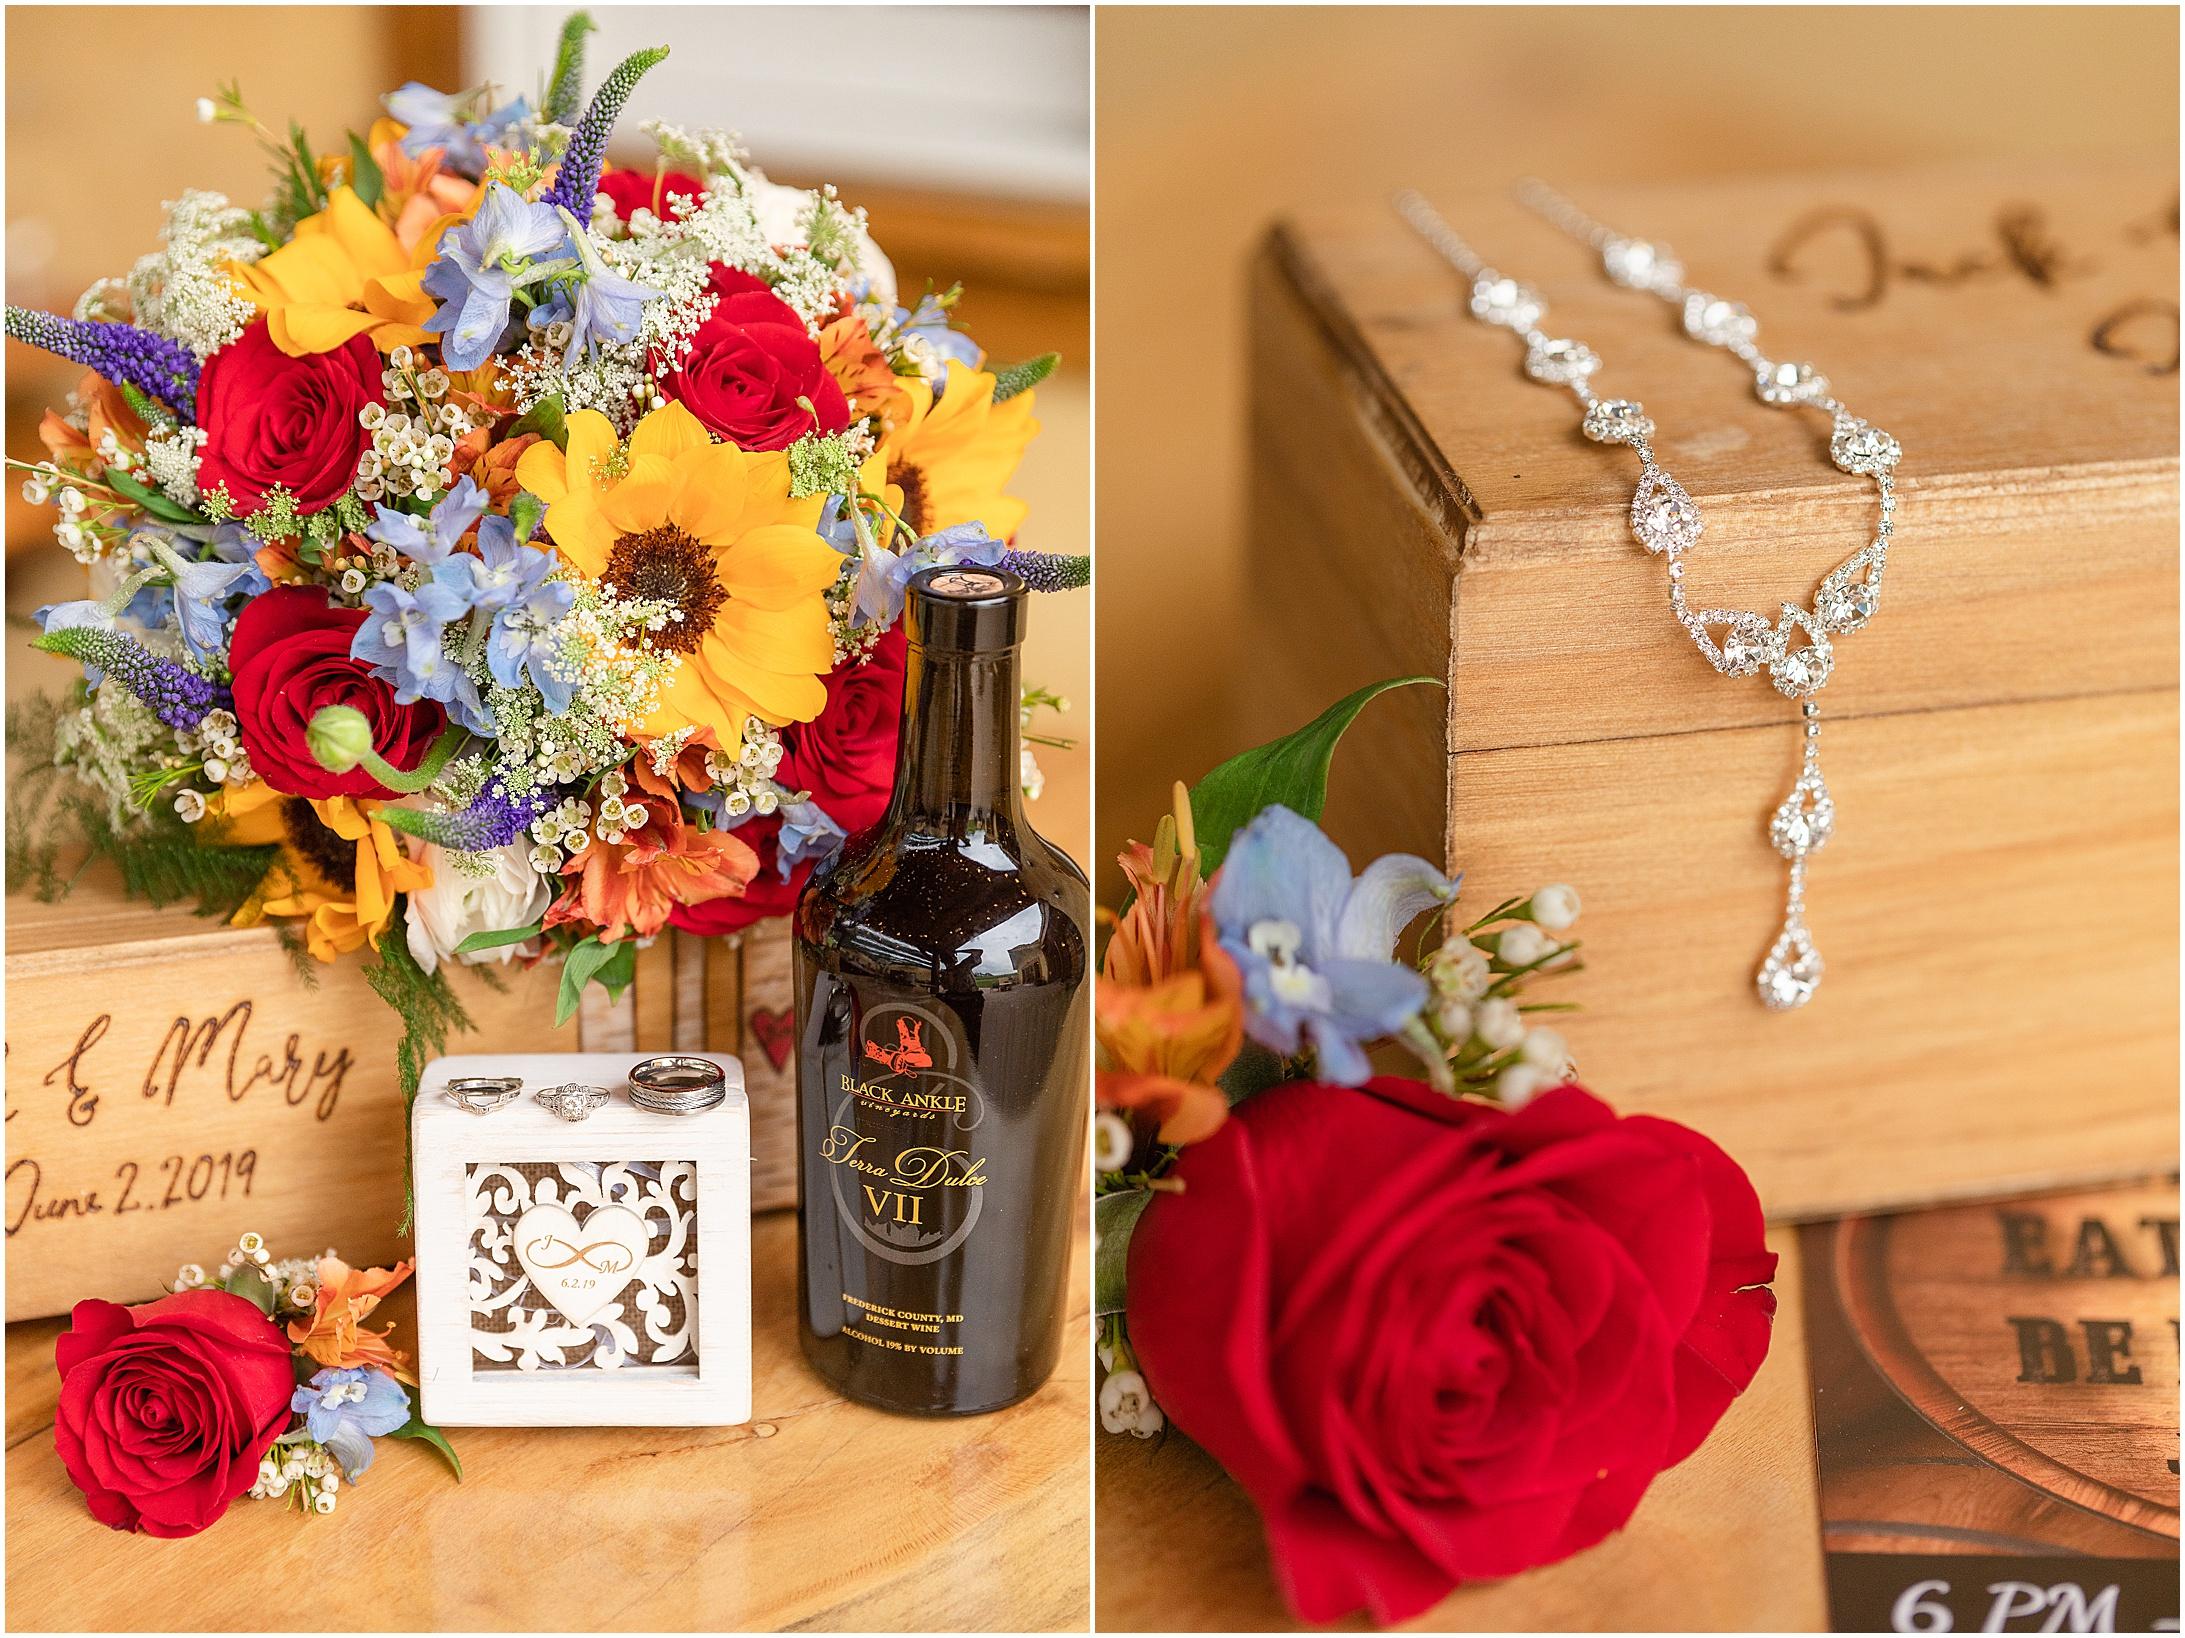 Black-Ankle-Vineyard-wedding_0360.jpg